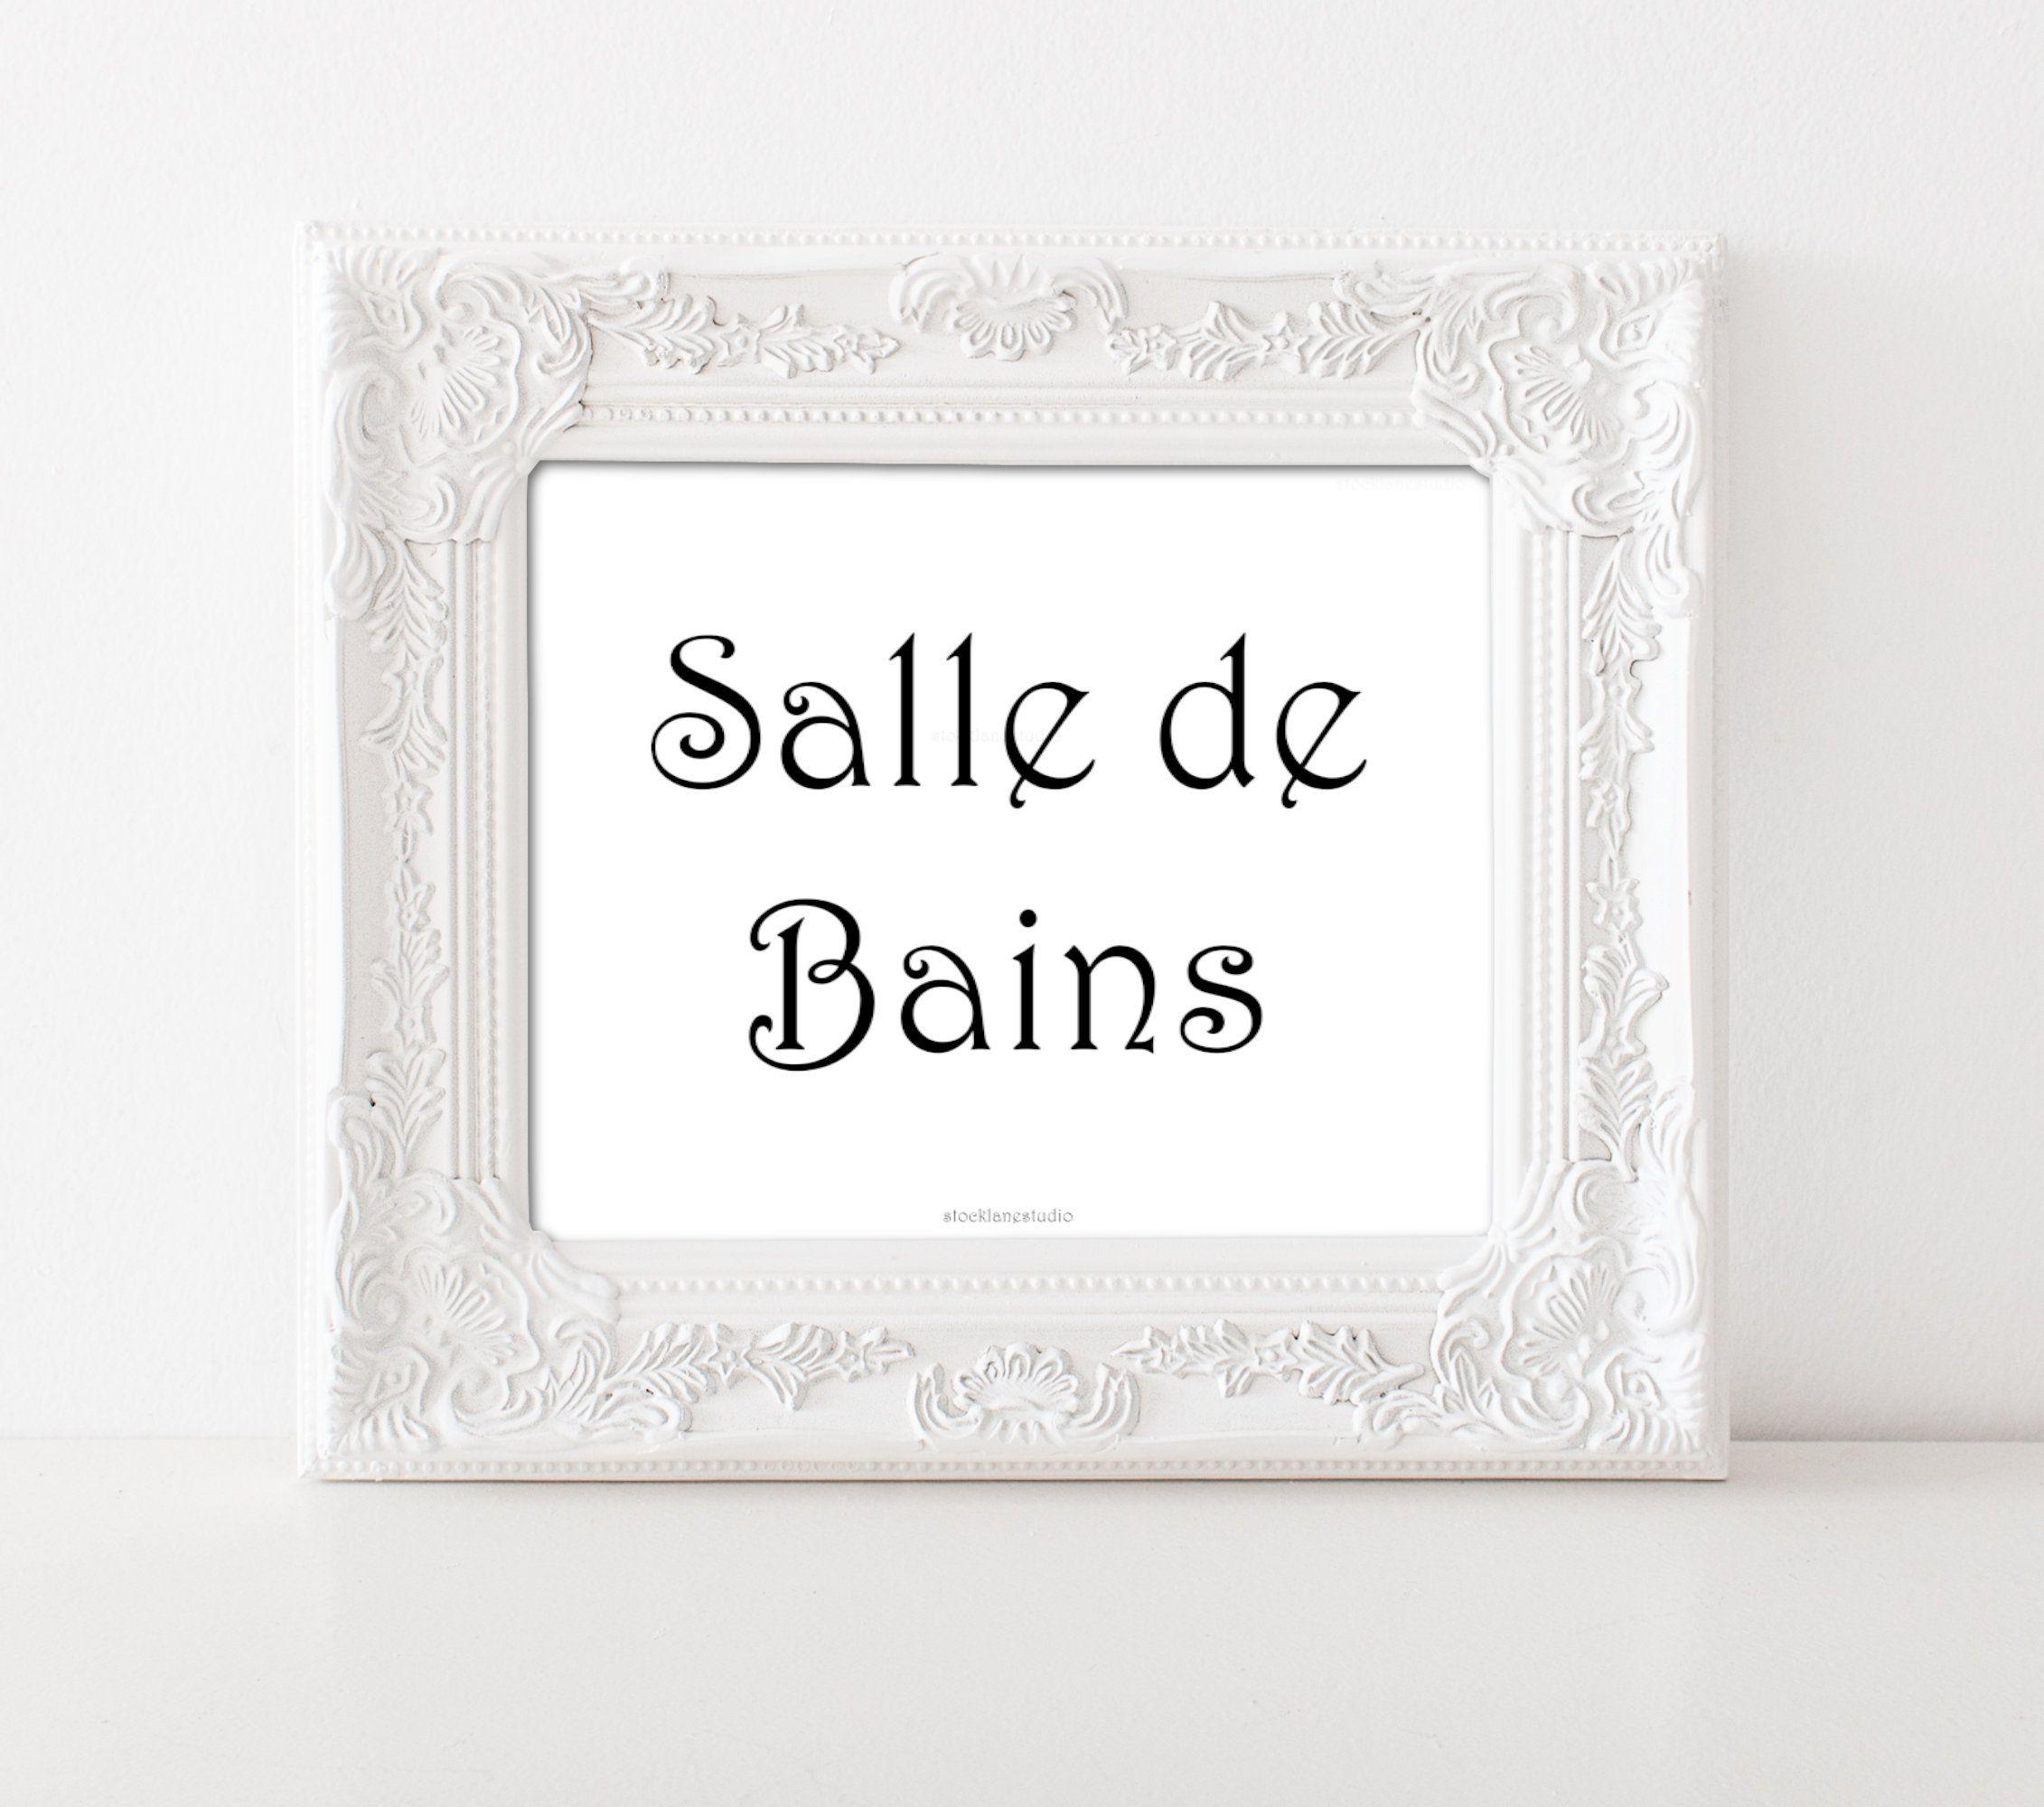 Printable Bathroom Art Salle De Bains Door Sign, Black